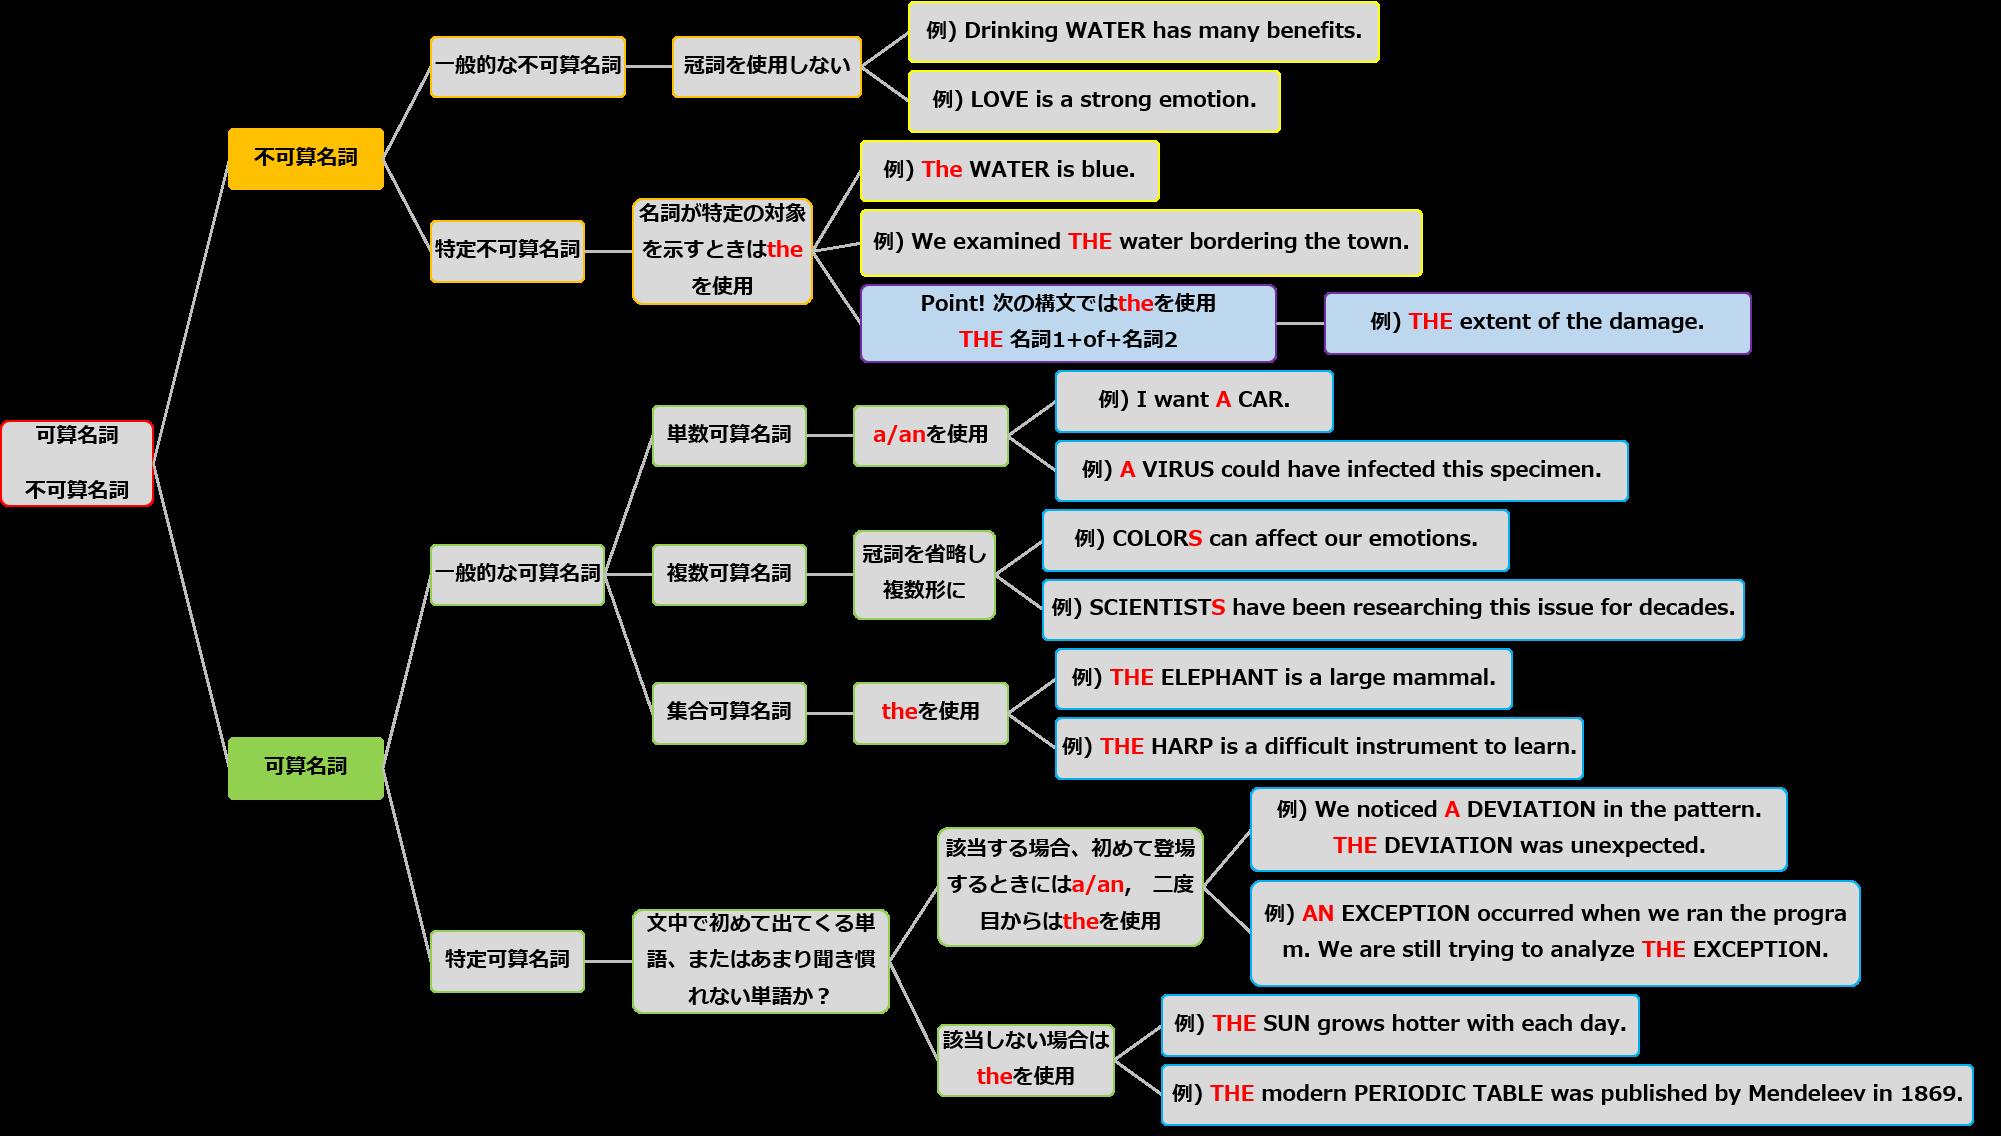 ノンネイティブが間違いやすい英語とその対策 | 英文校正 ...